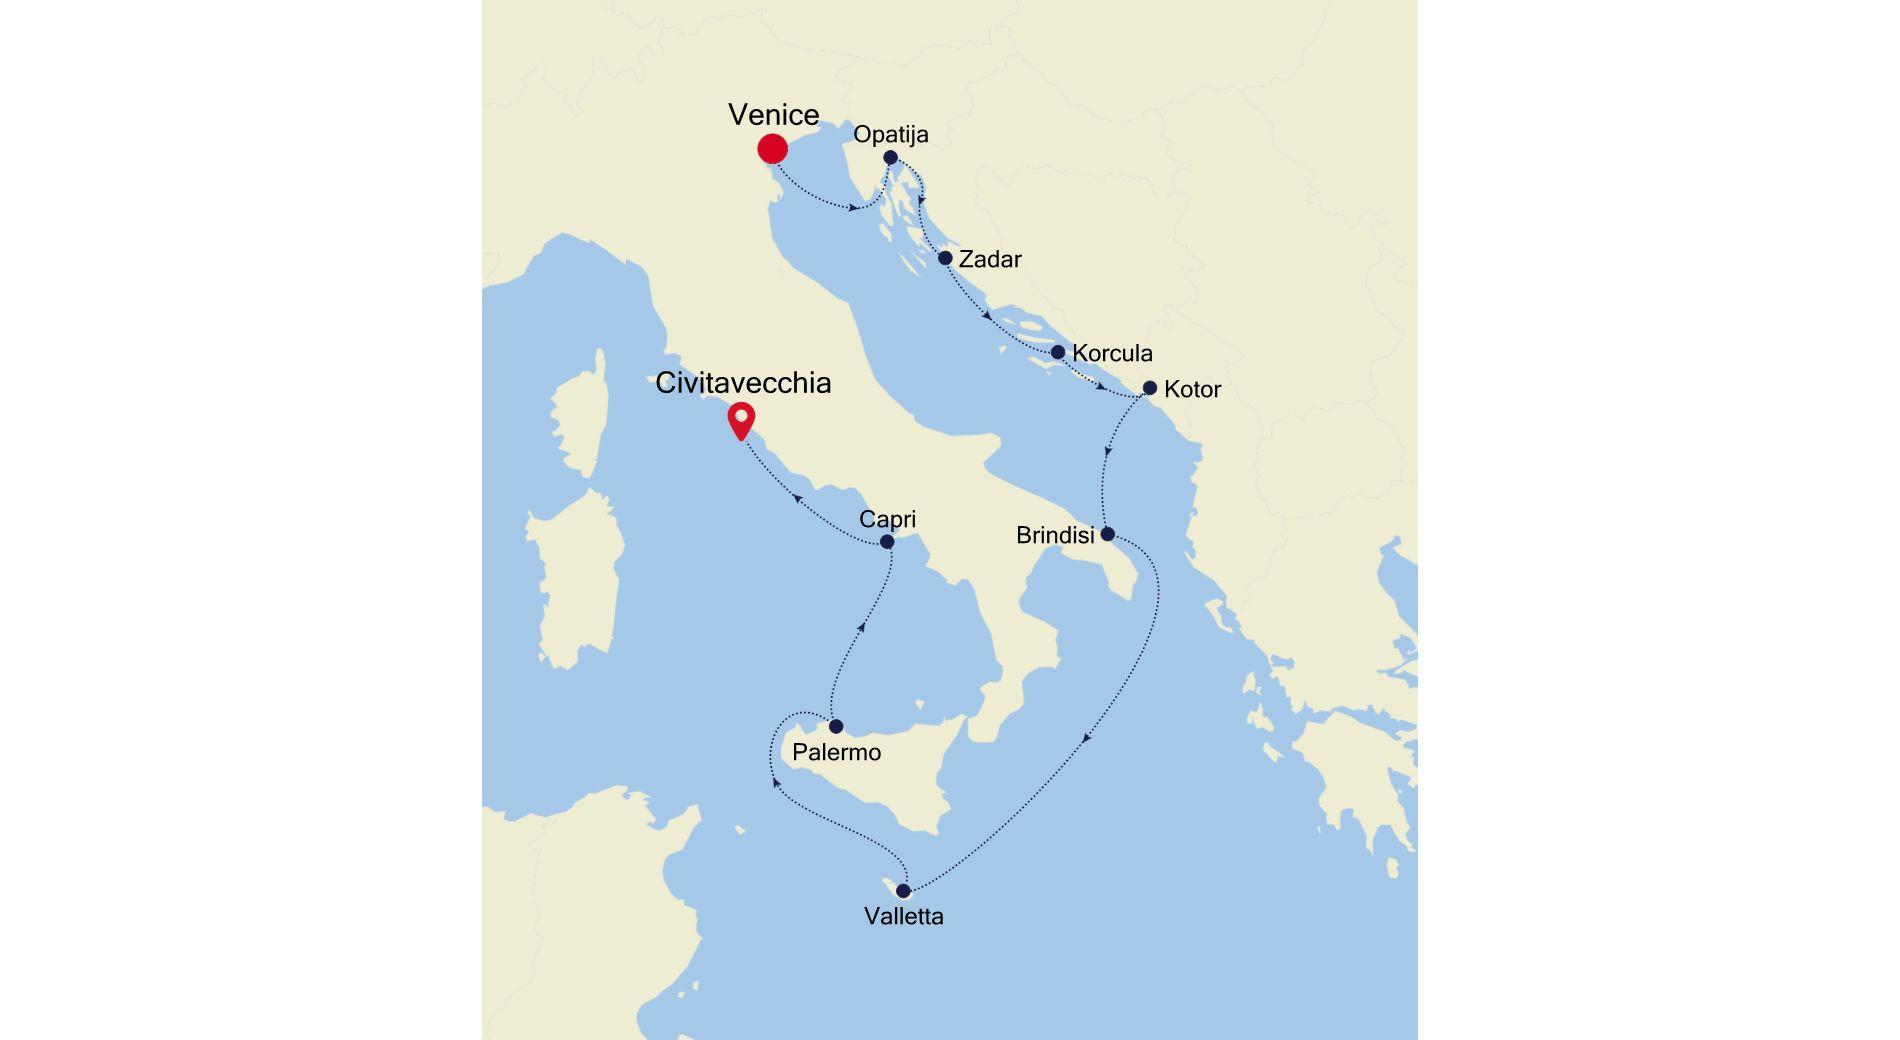 3927 - Venice à Civitavecchia